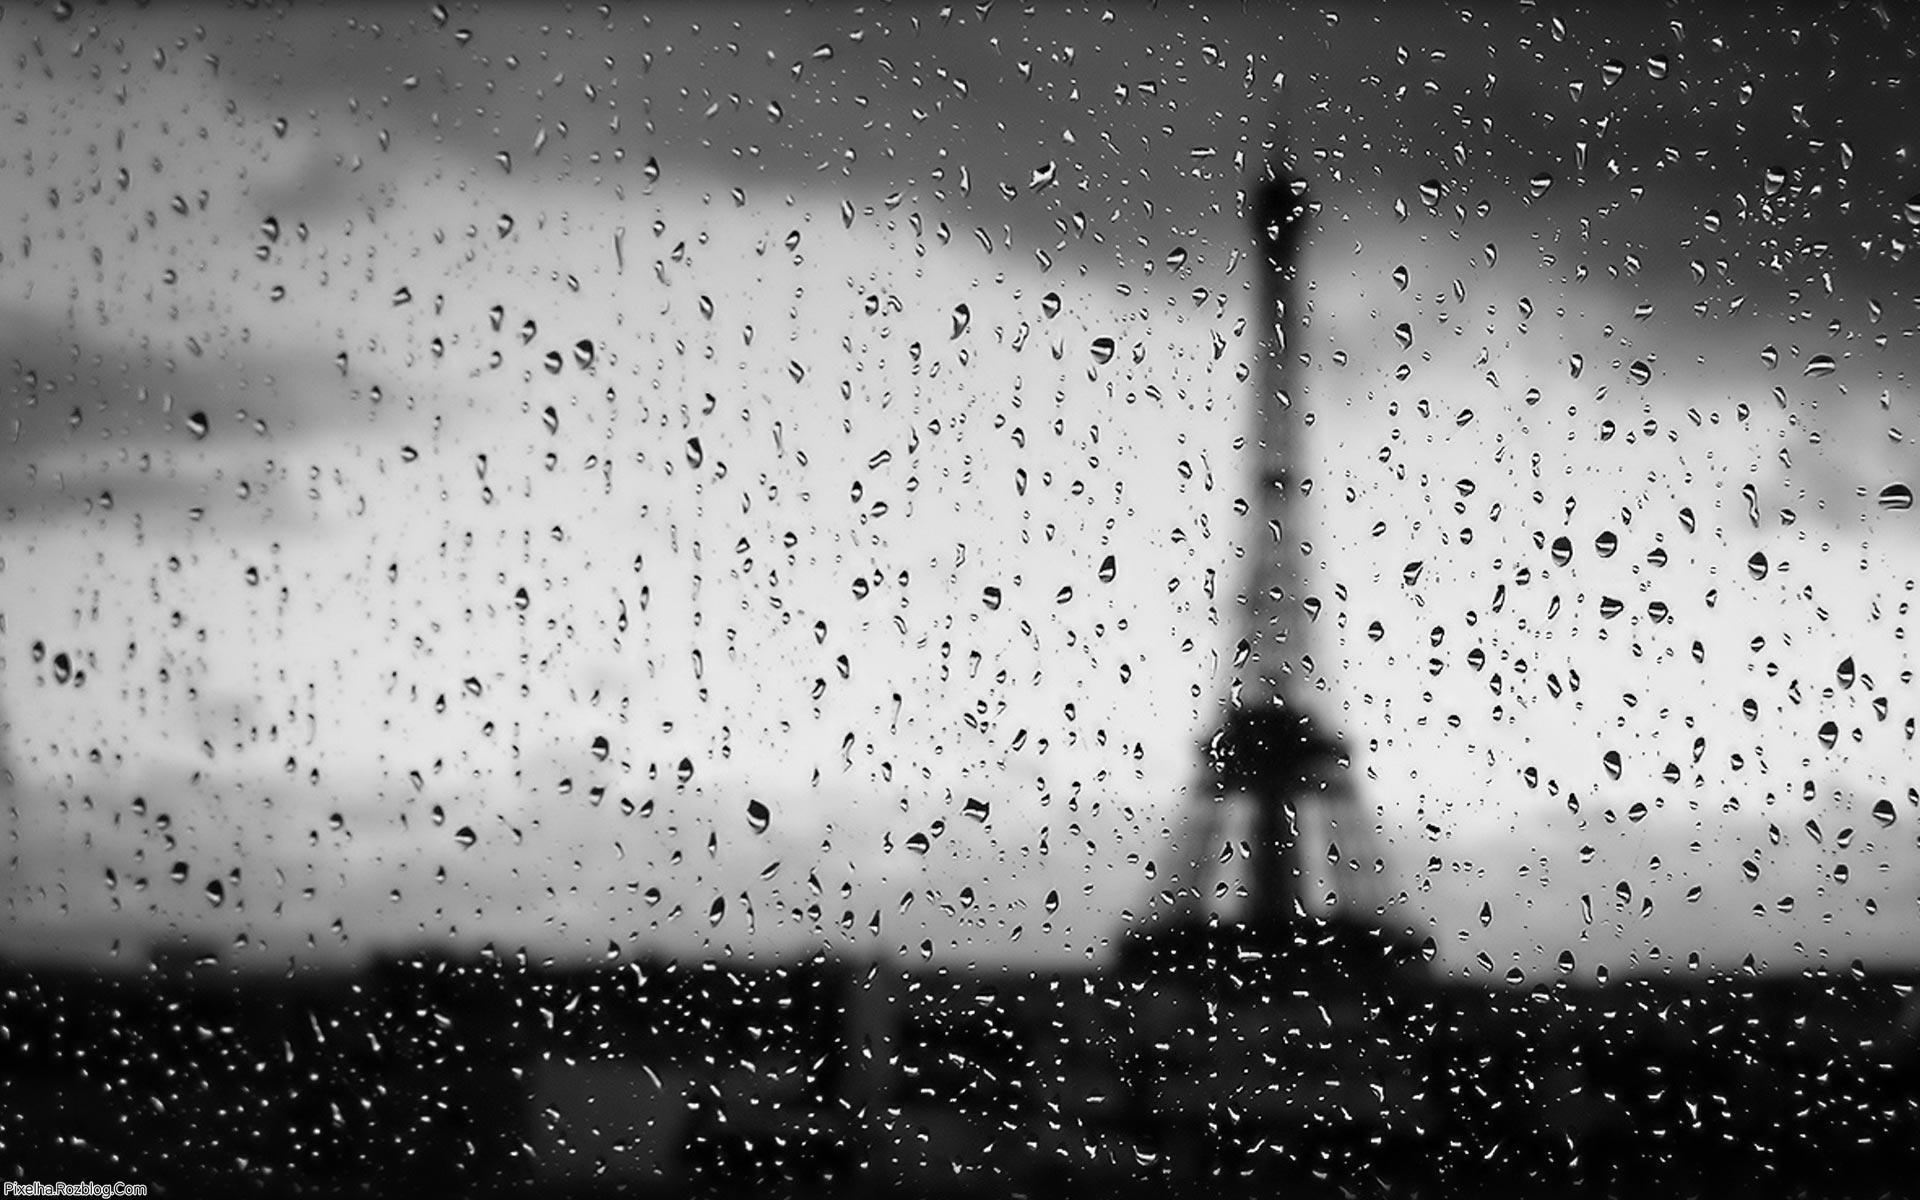 نمای برج ایفل از پشت شیشه بارانی